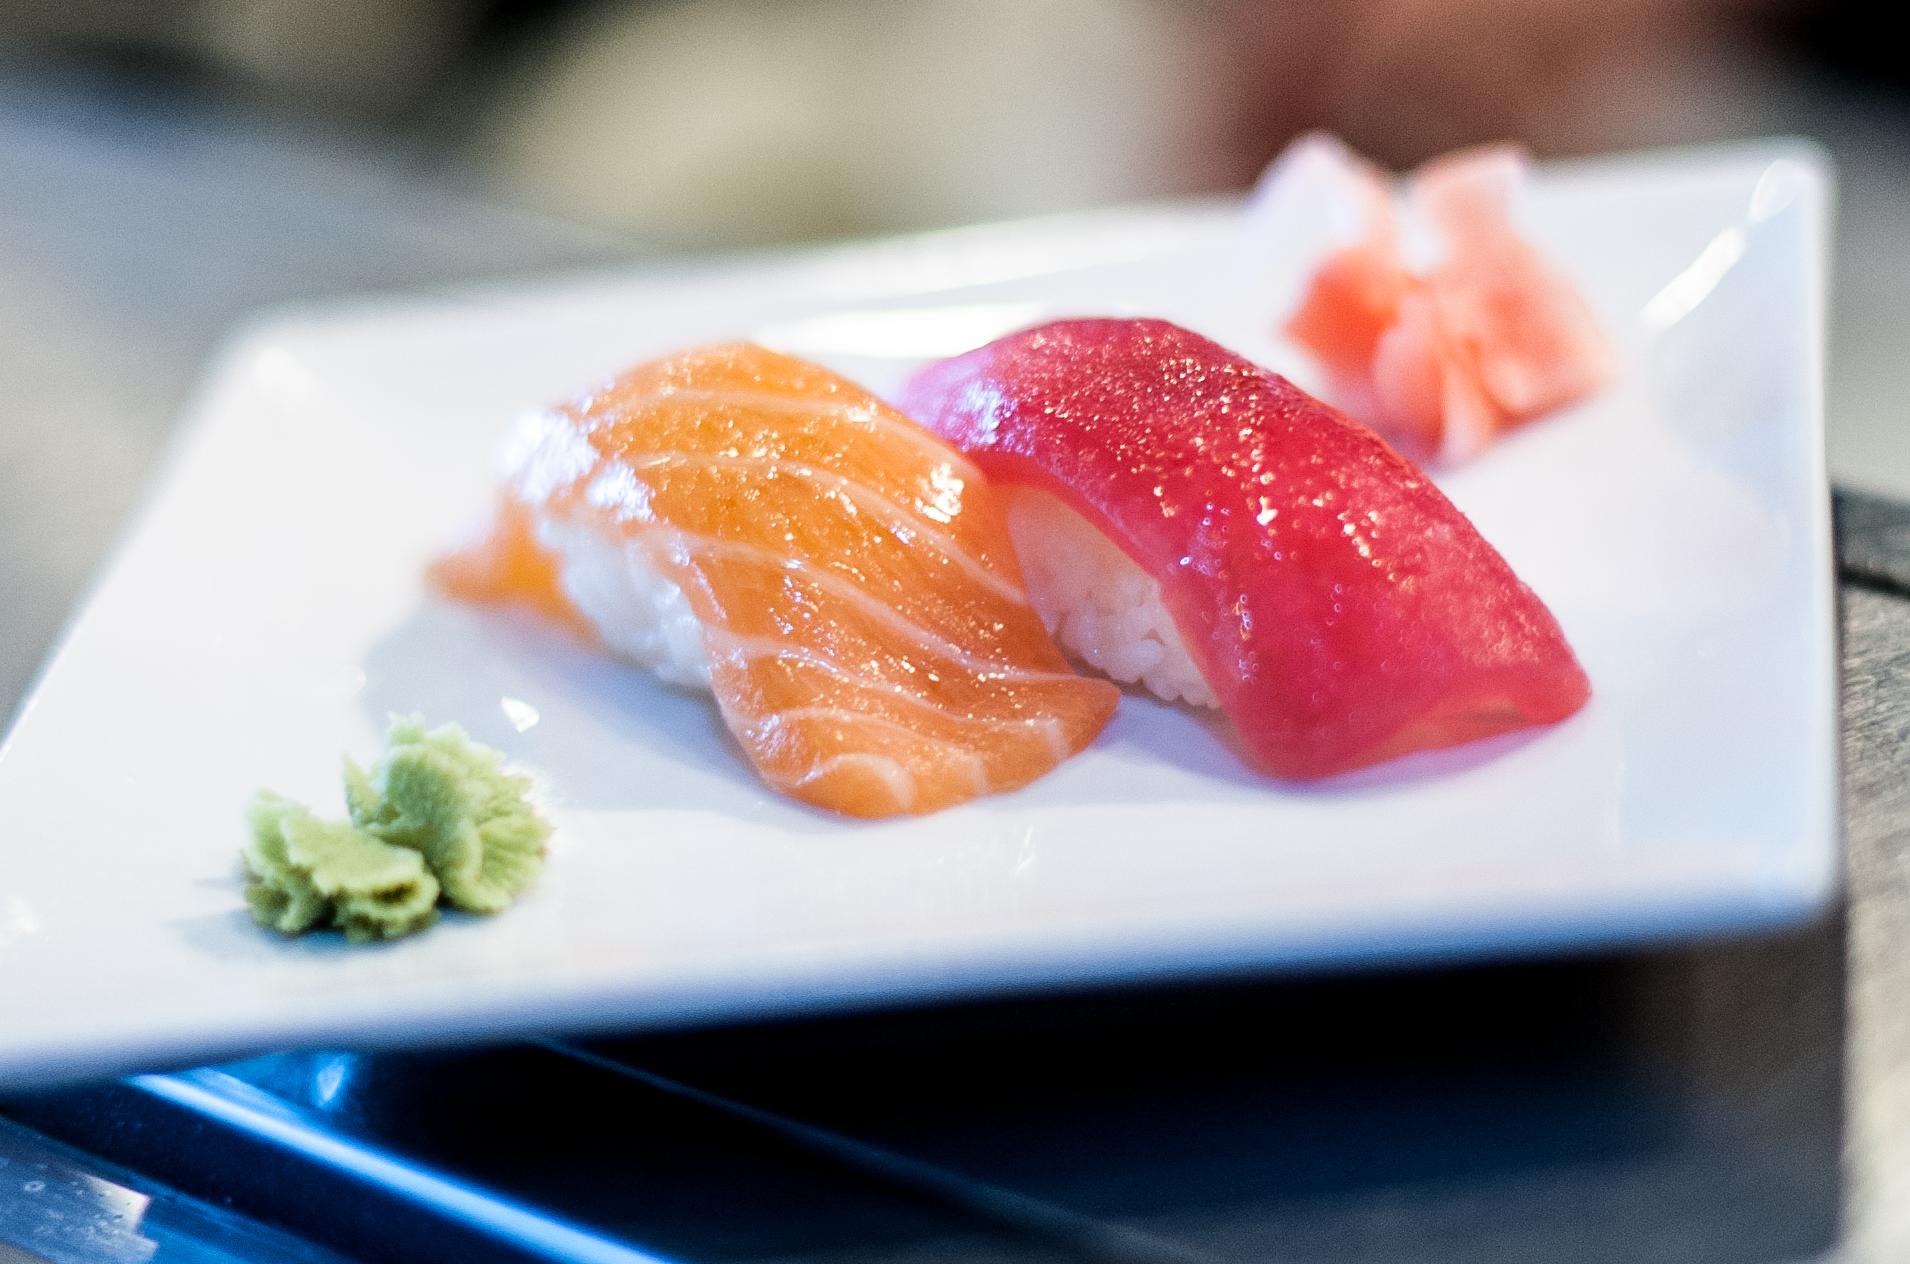 Sushi - Highland Park, Ill